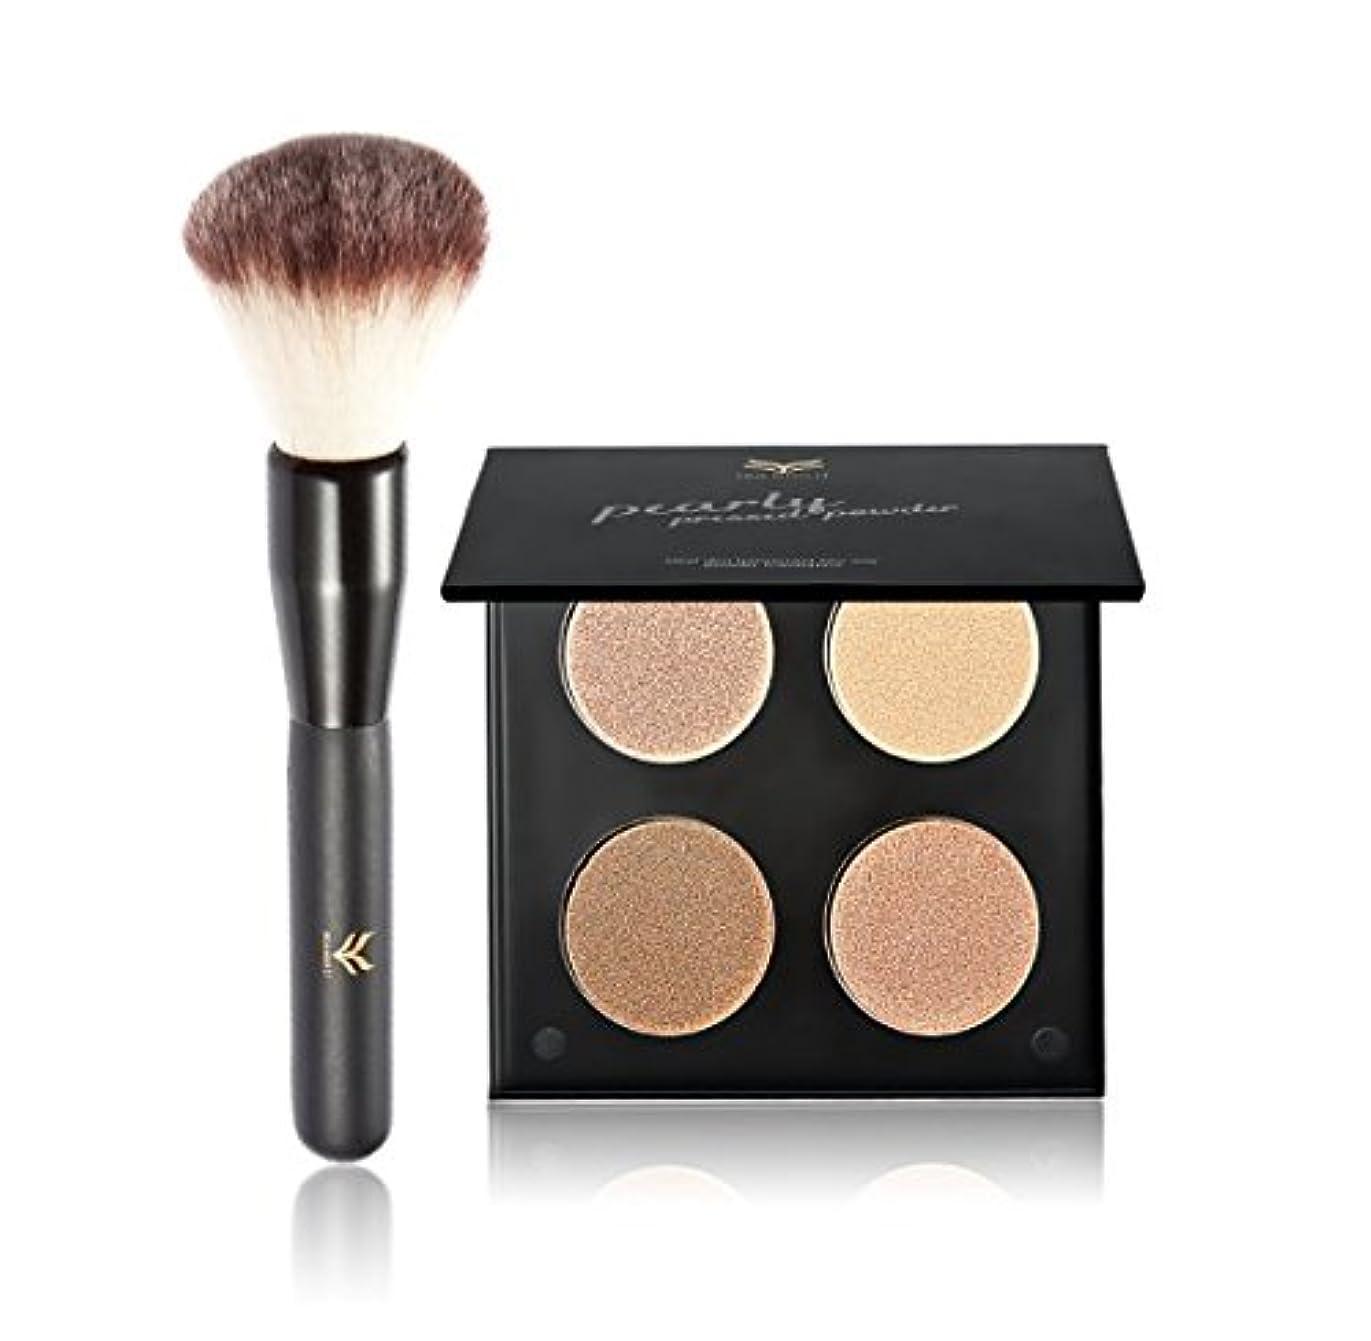 アクセスできないルアー地域の4 Colors Highlight Pressed Powder Pallete with Blush Makeup Brush Contour Shadow Powder Makeup Pallete Kit Cosmetic